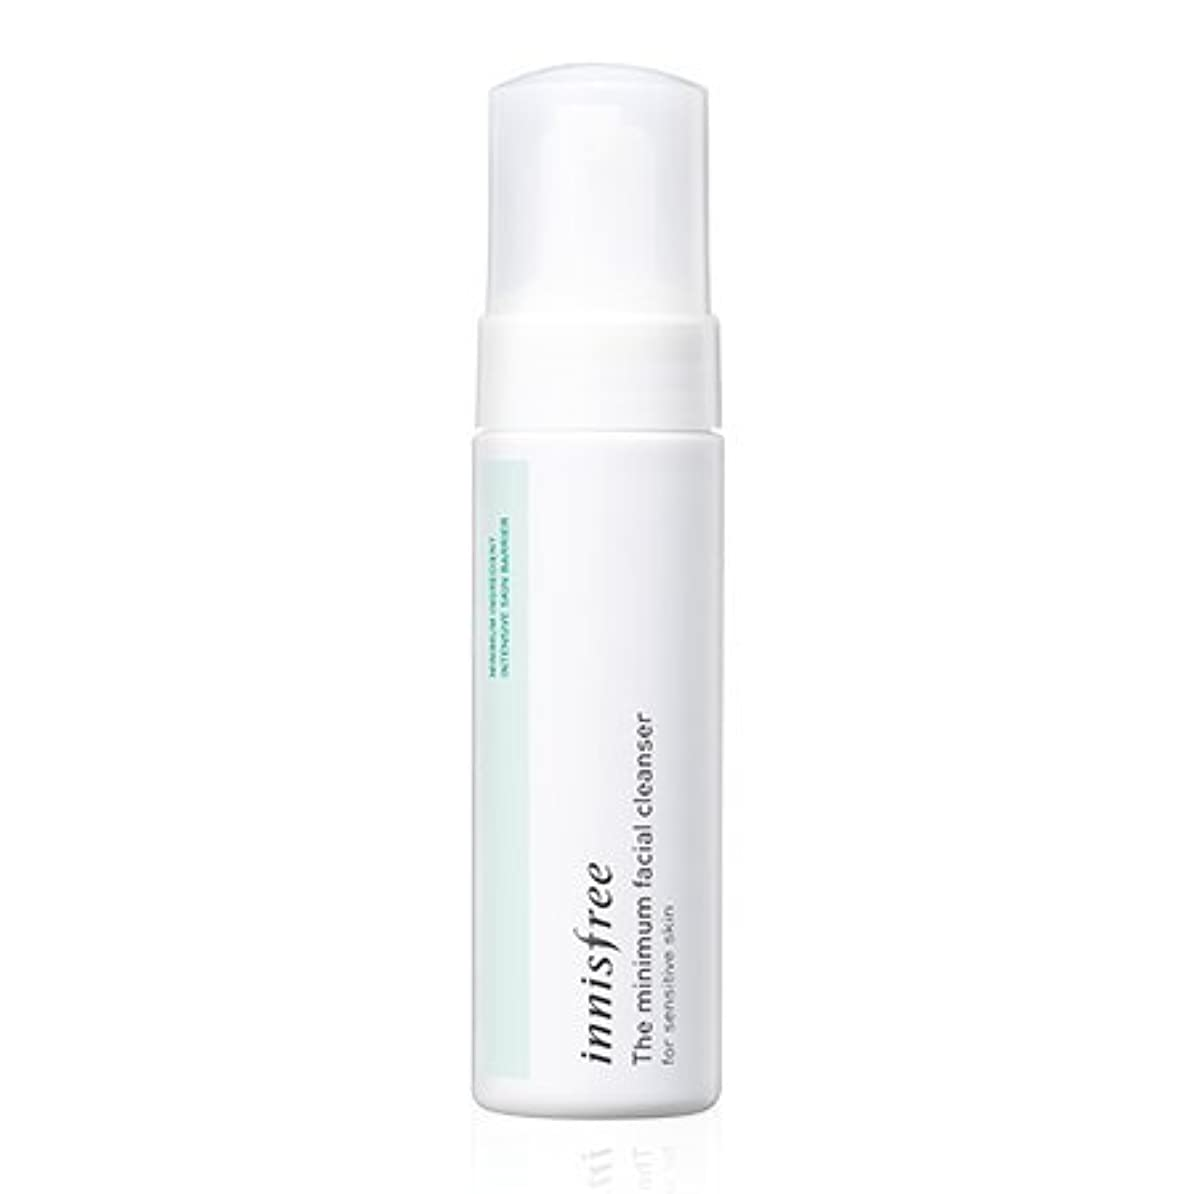 びん委員会警察[innisfree(イニスフリー)] The minimum facial cleanser 70ml ザ·ミニマムフェーシャル?クレンザー [並行輸入品][海外直送品]